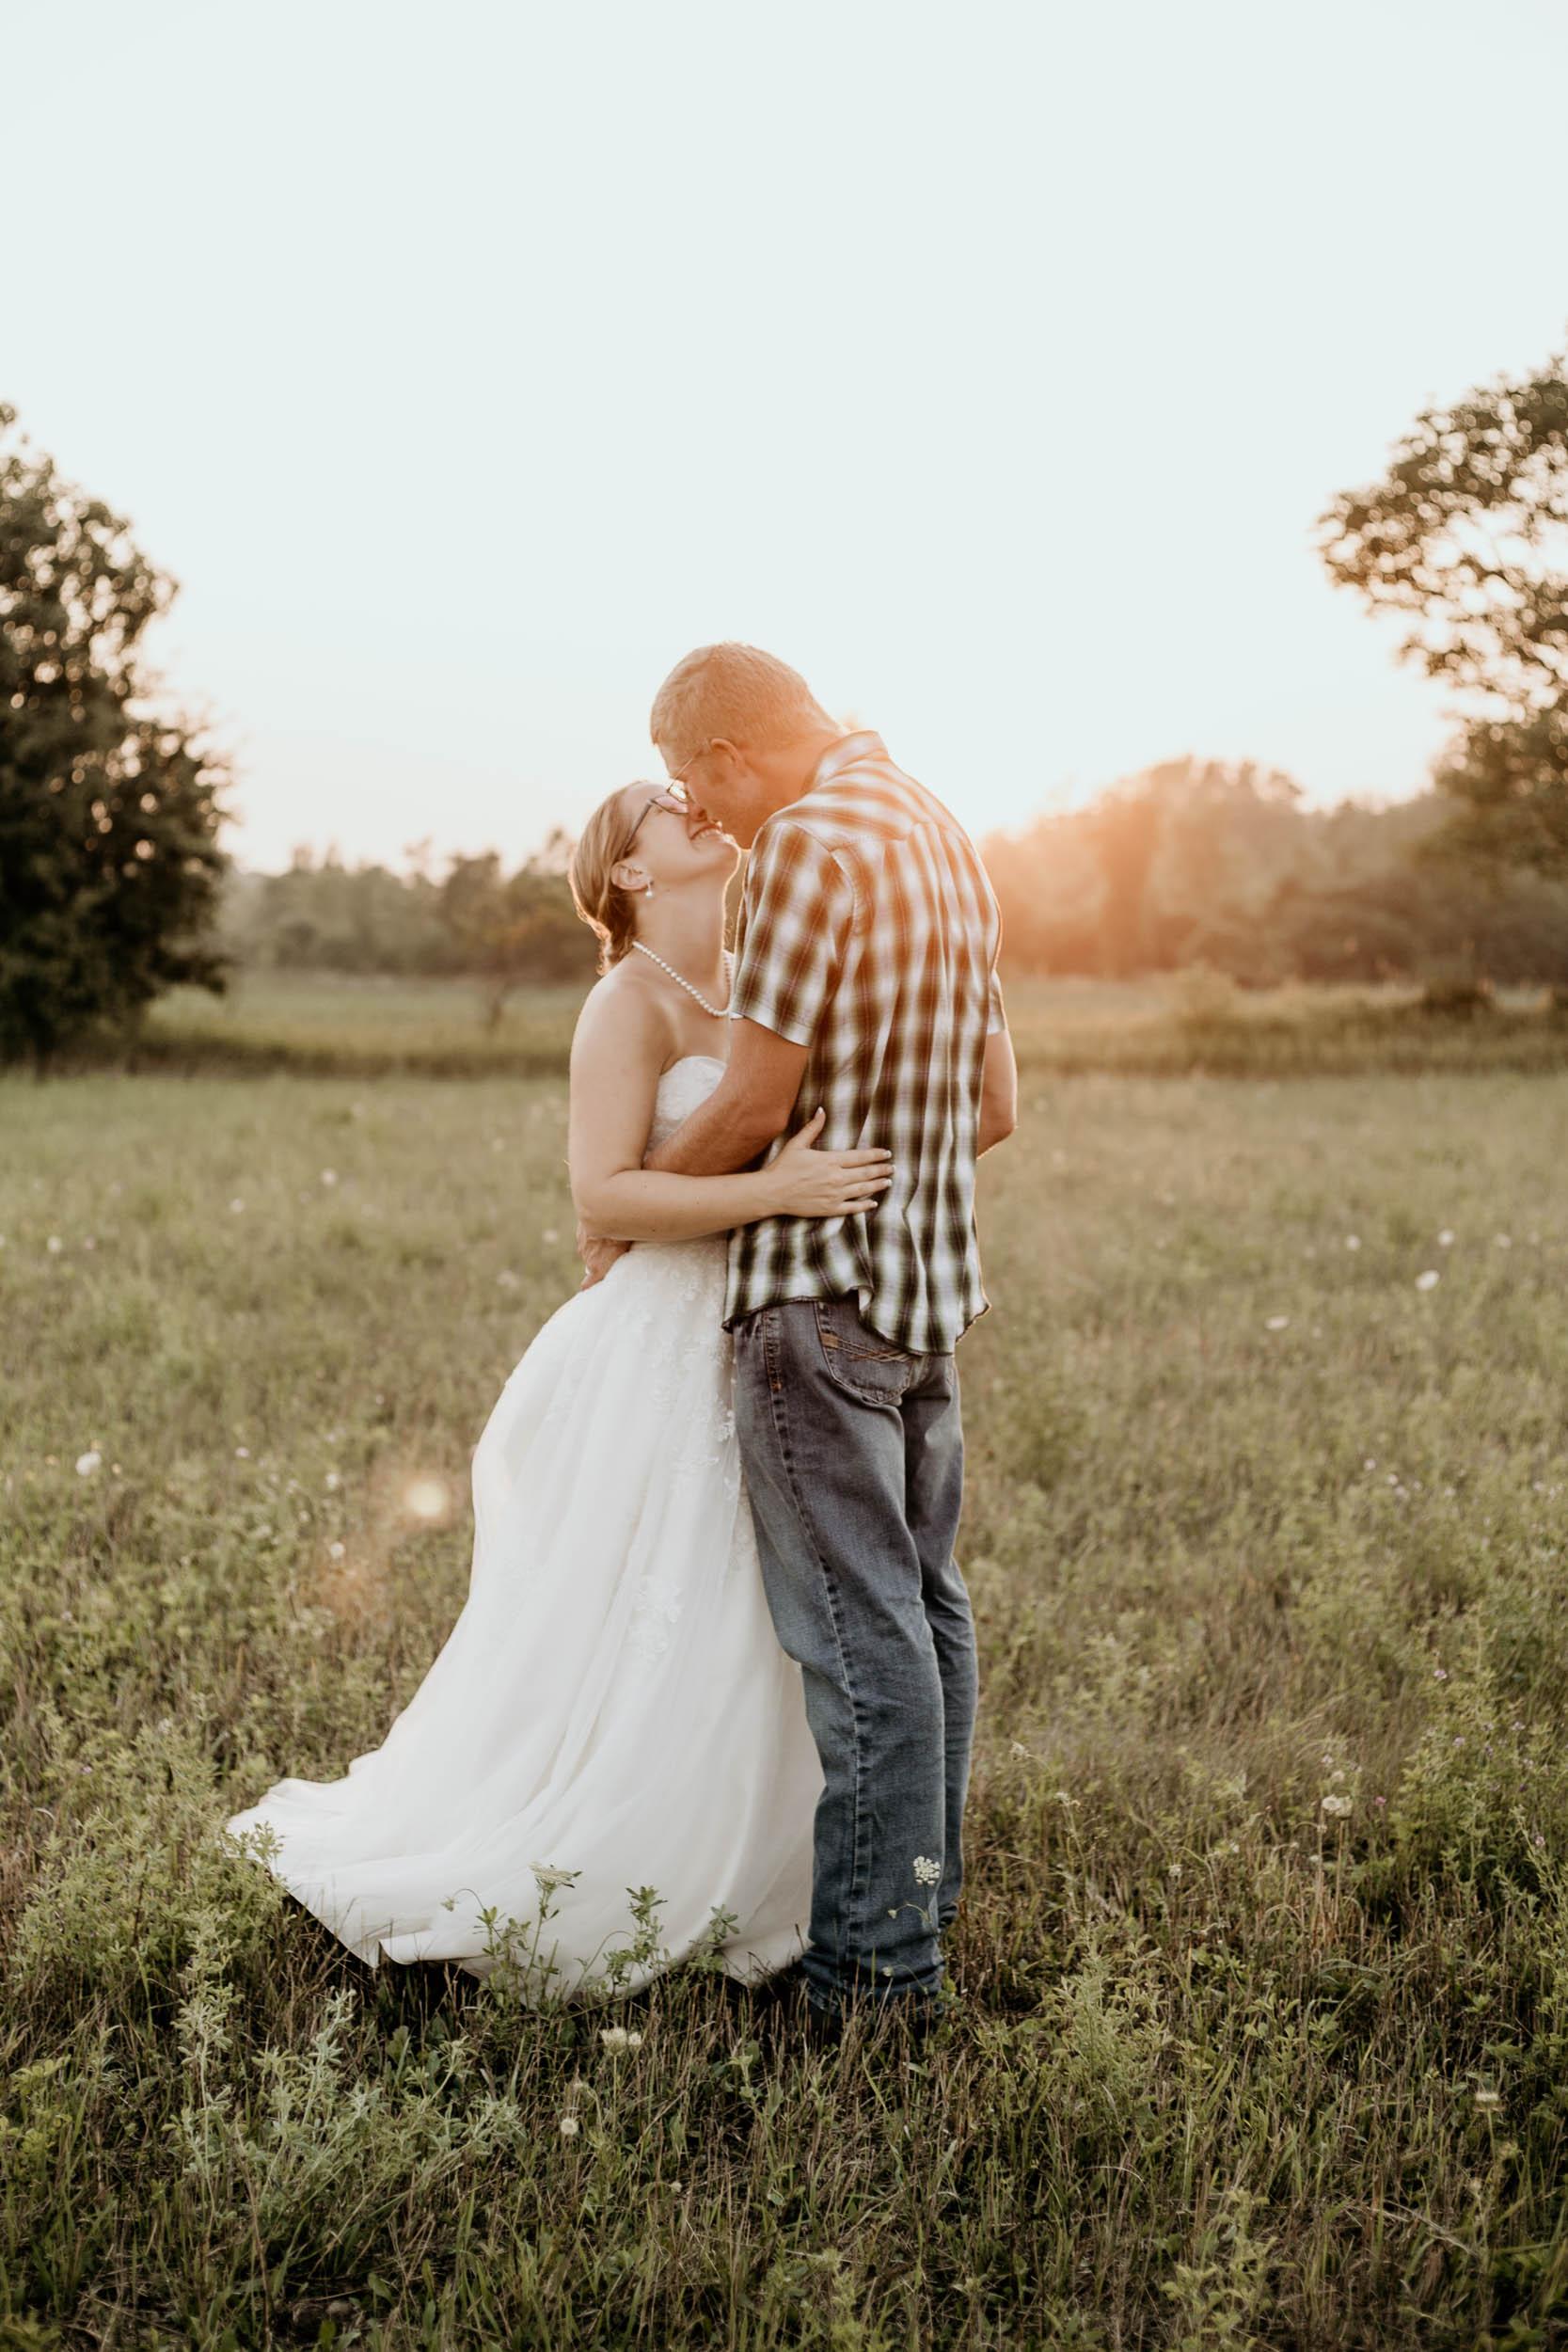 intimate-wedding-elopement-photographer-ottawa-joshua-tree-3001.jpg